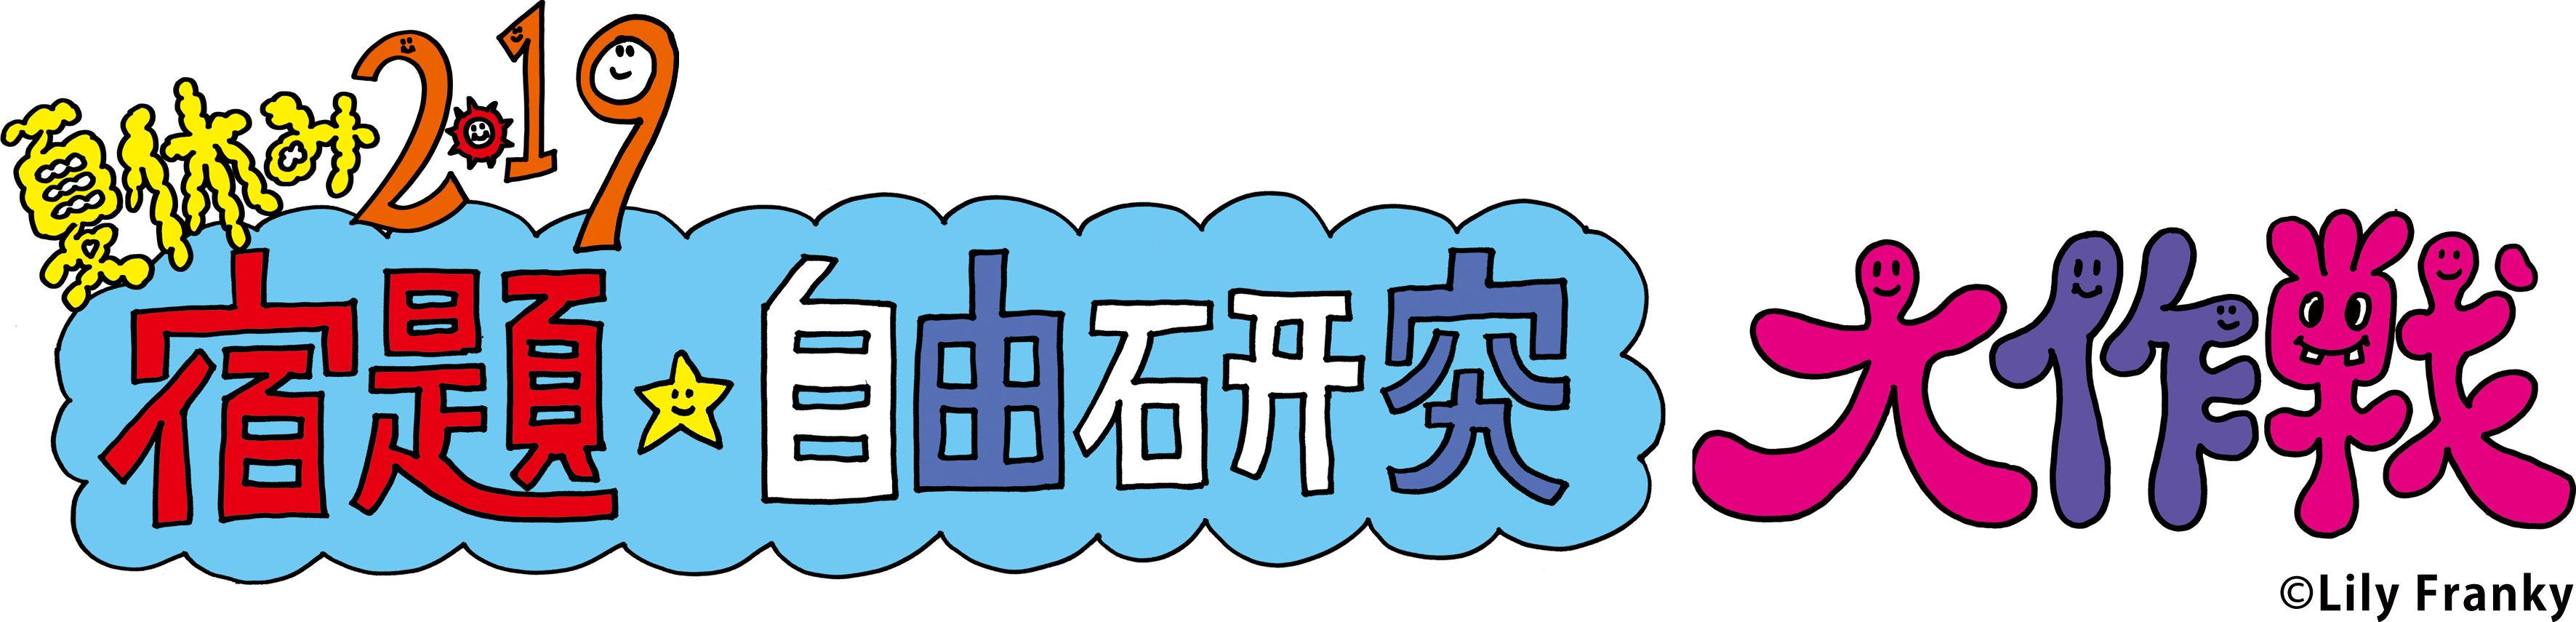 夏休み2019 宿題・自由研究 大作戦のロゴの画像